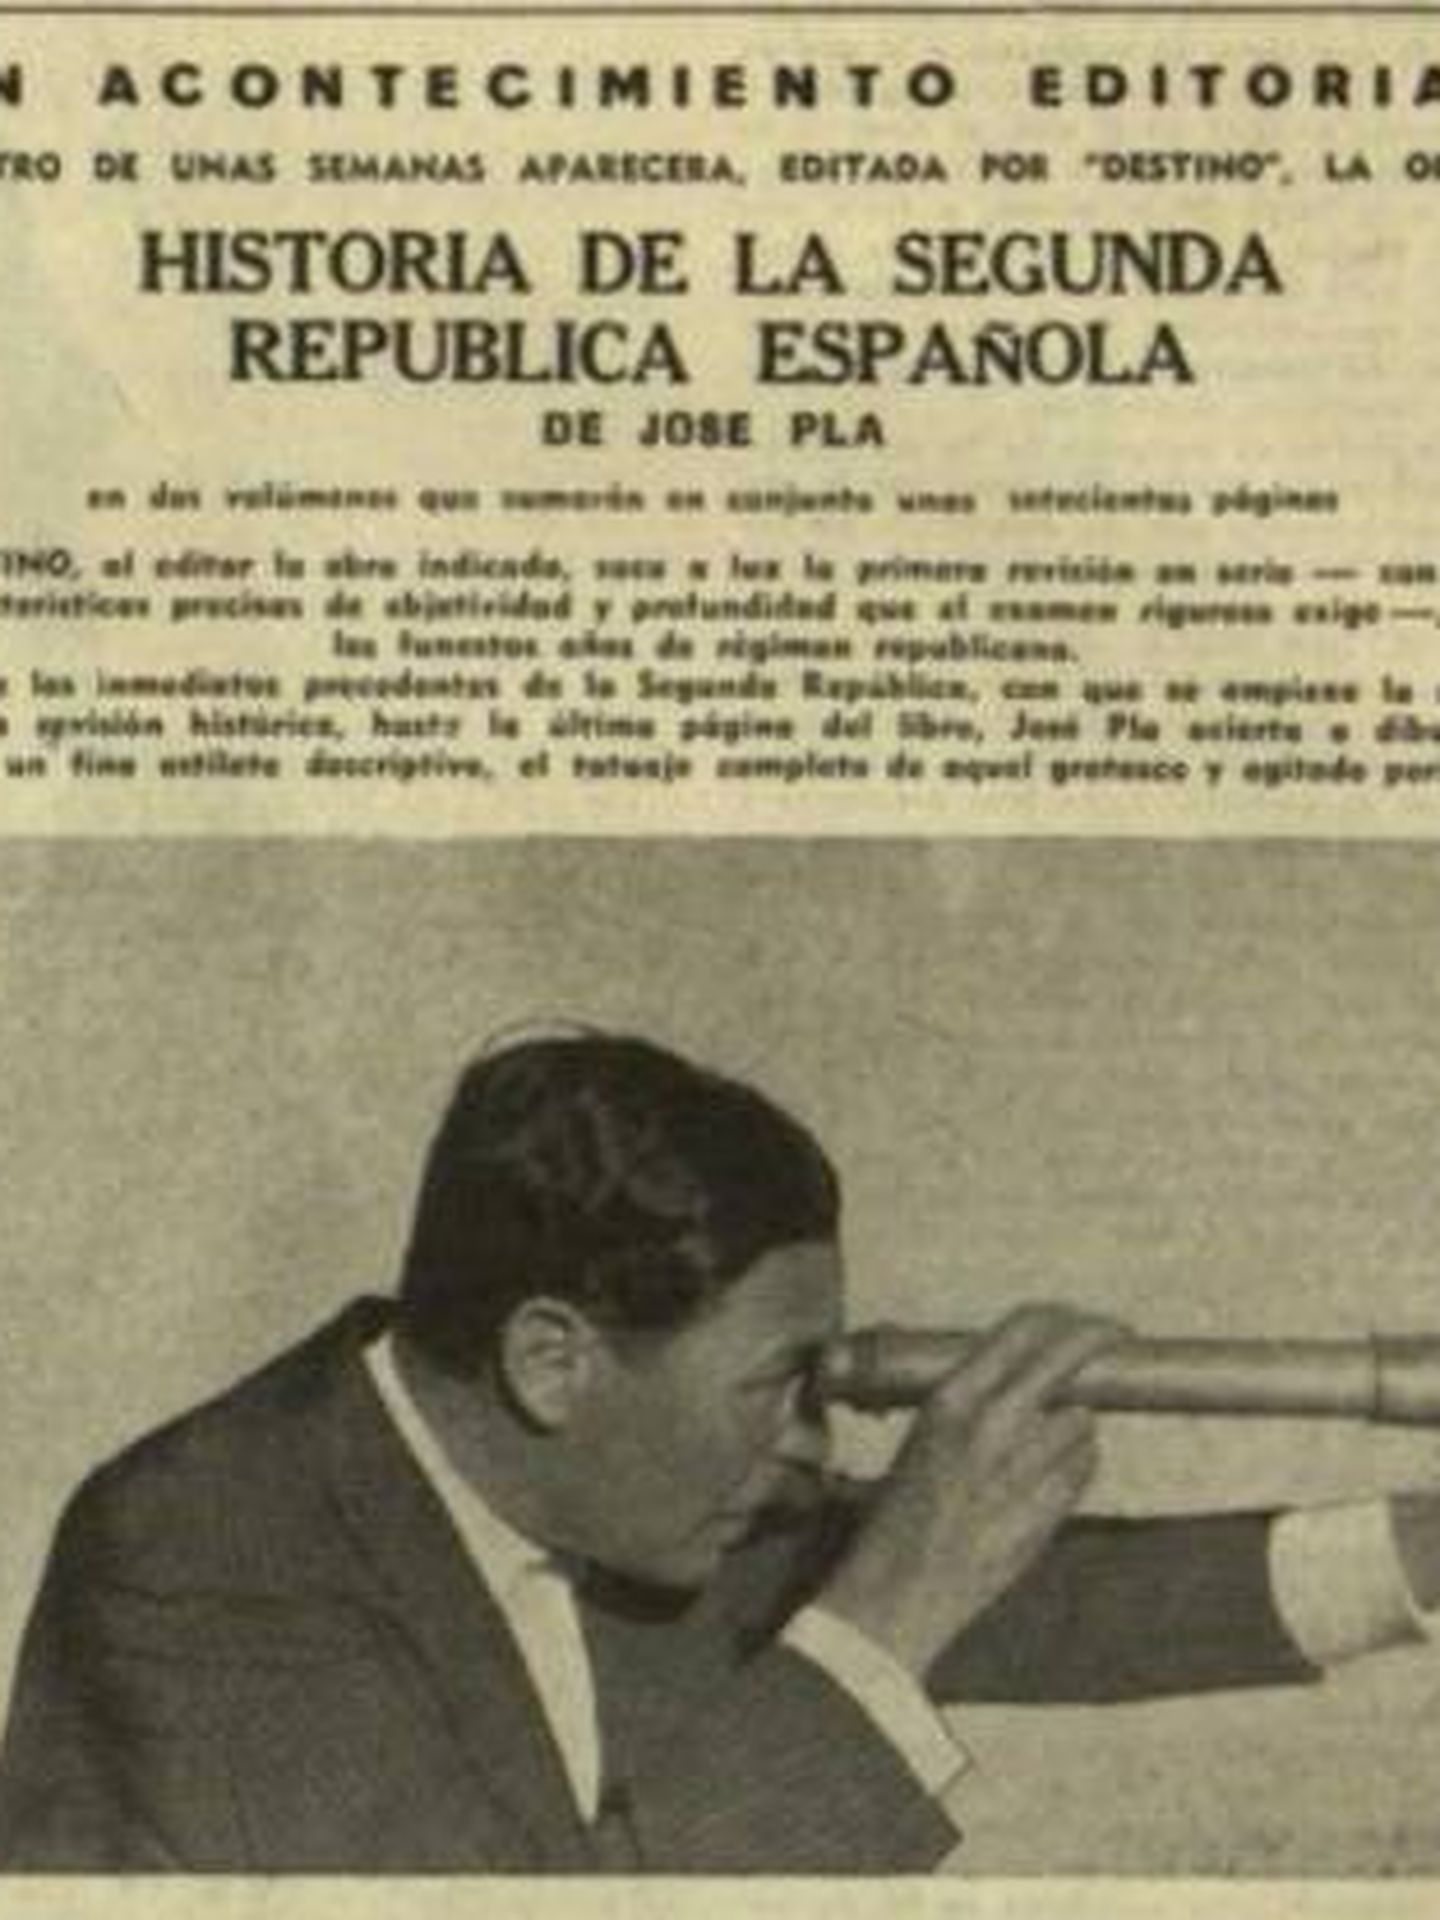 Publicidad del libro de Pla en La Vanguardia Española